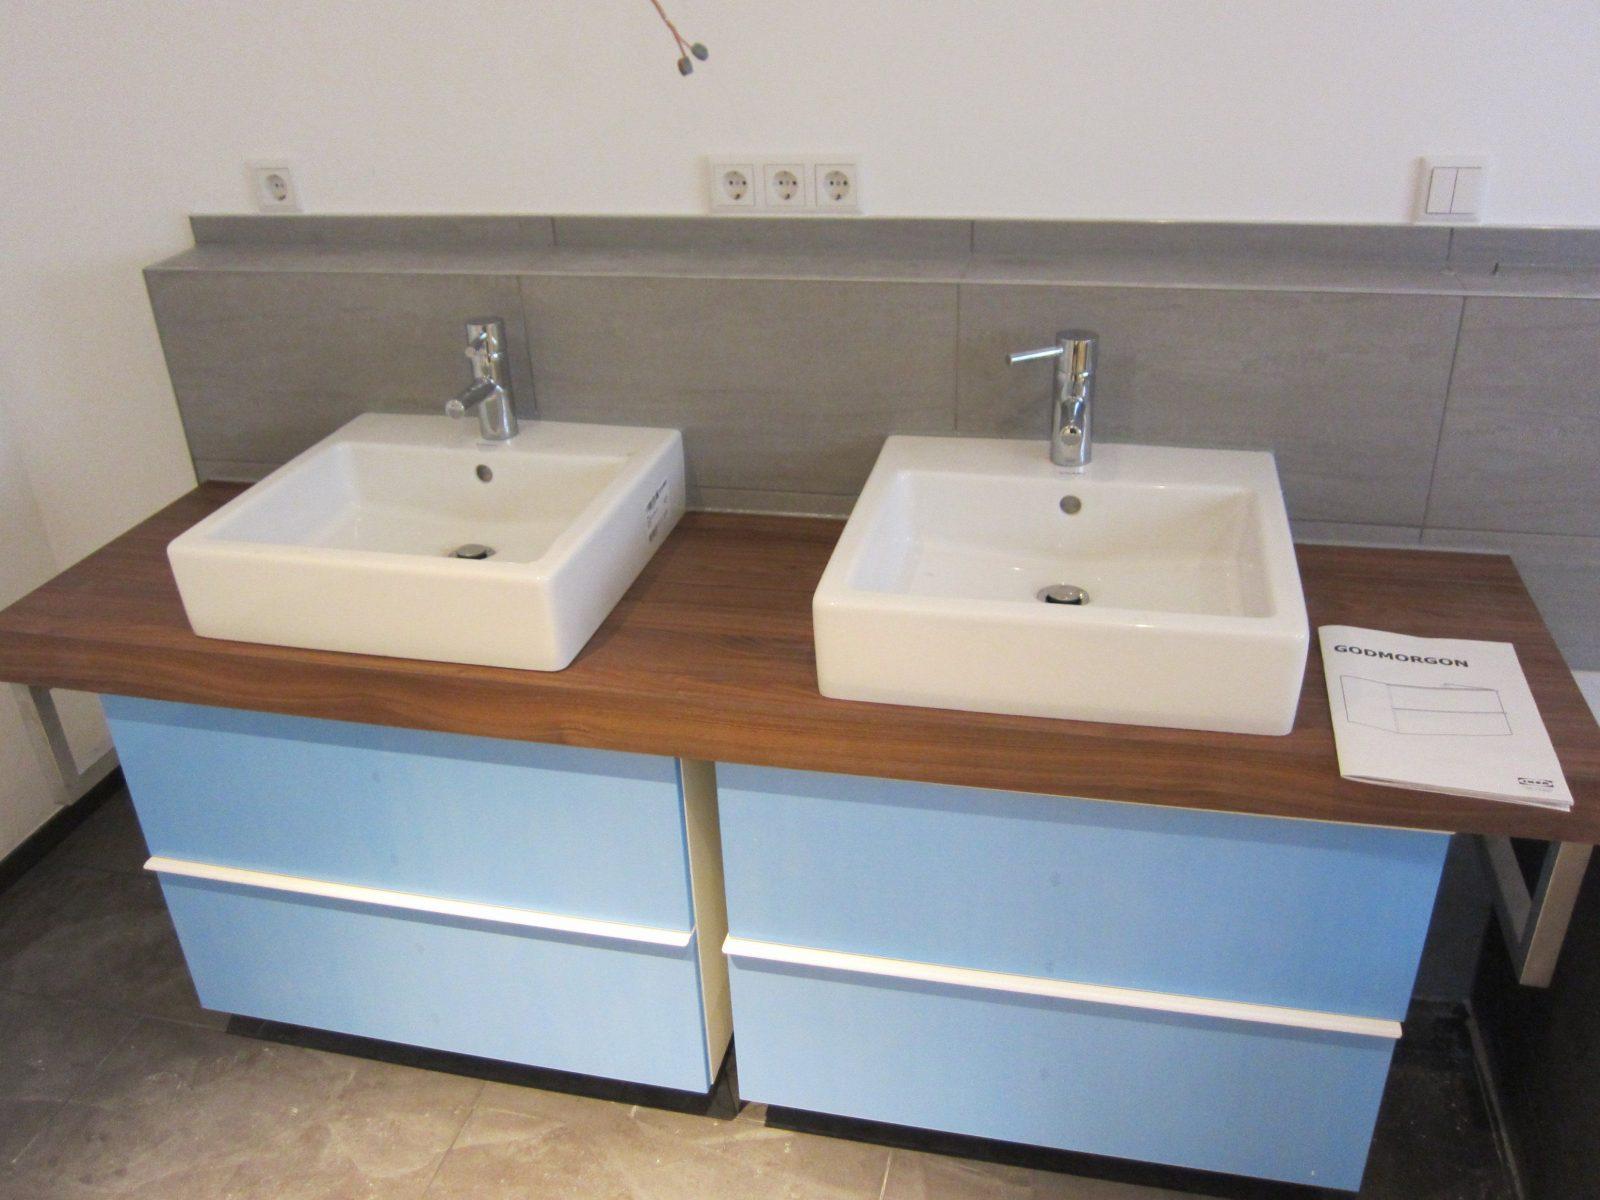 Waschbecken Mit Unterschrank Ikea Von Prächtig Zuhause Kunst von Doppelwaschtisch Mit Unterschrank Ikea Bild